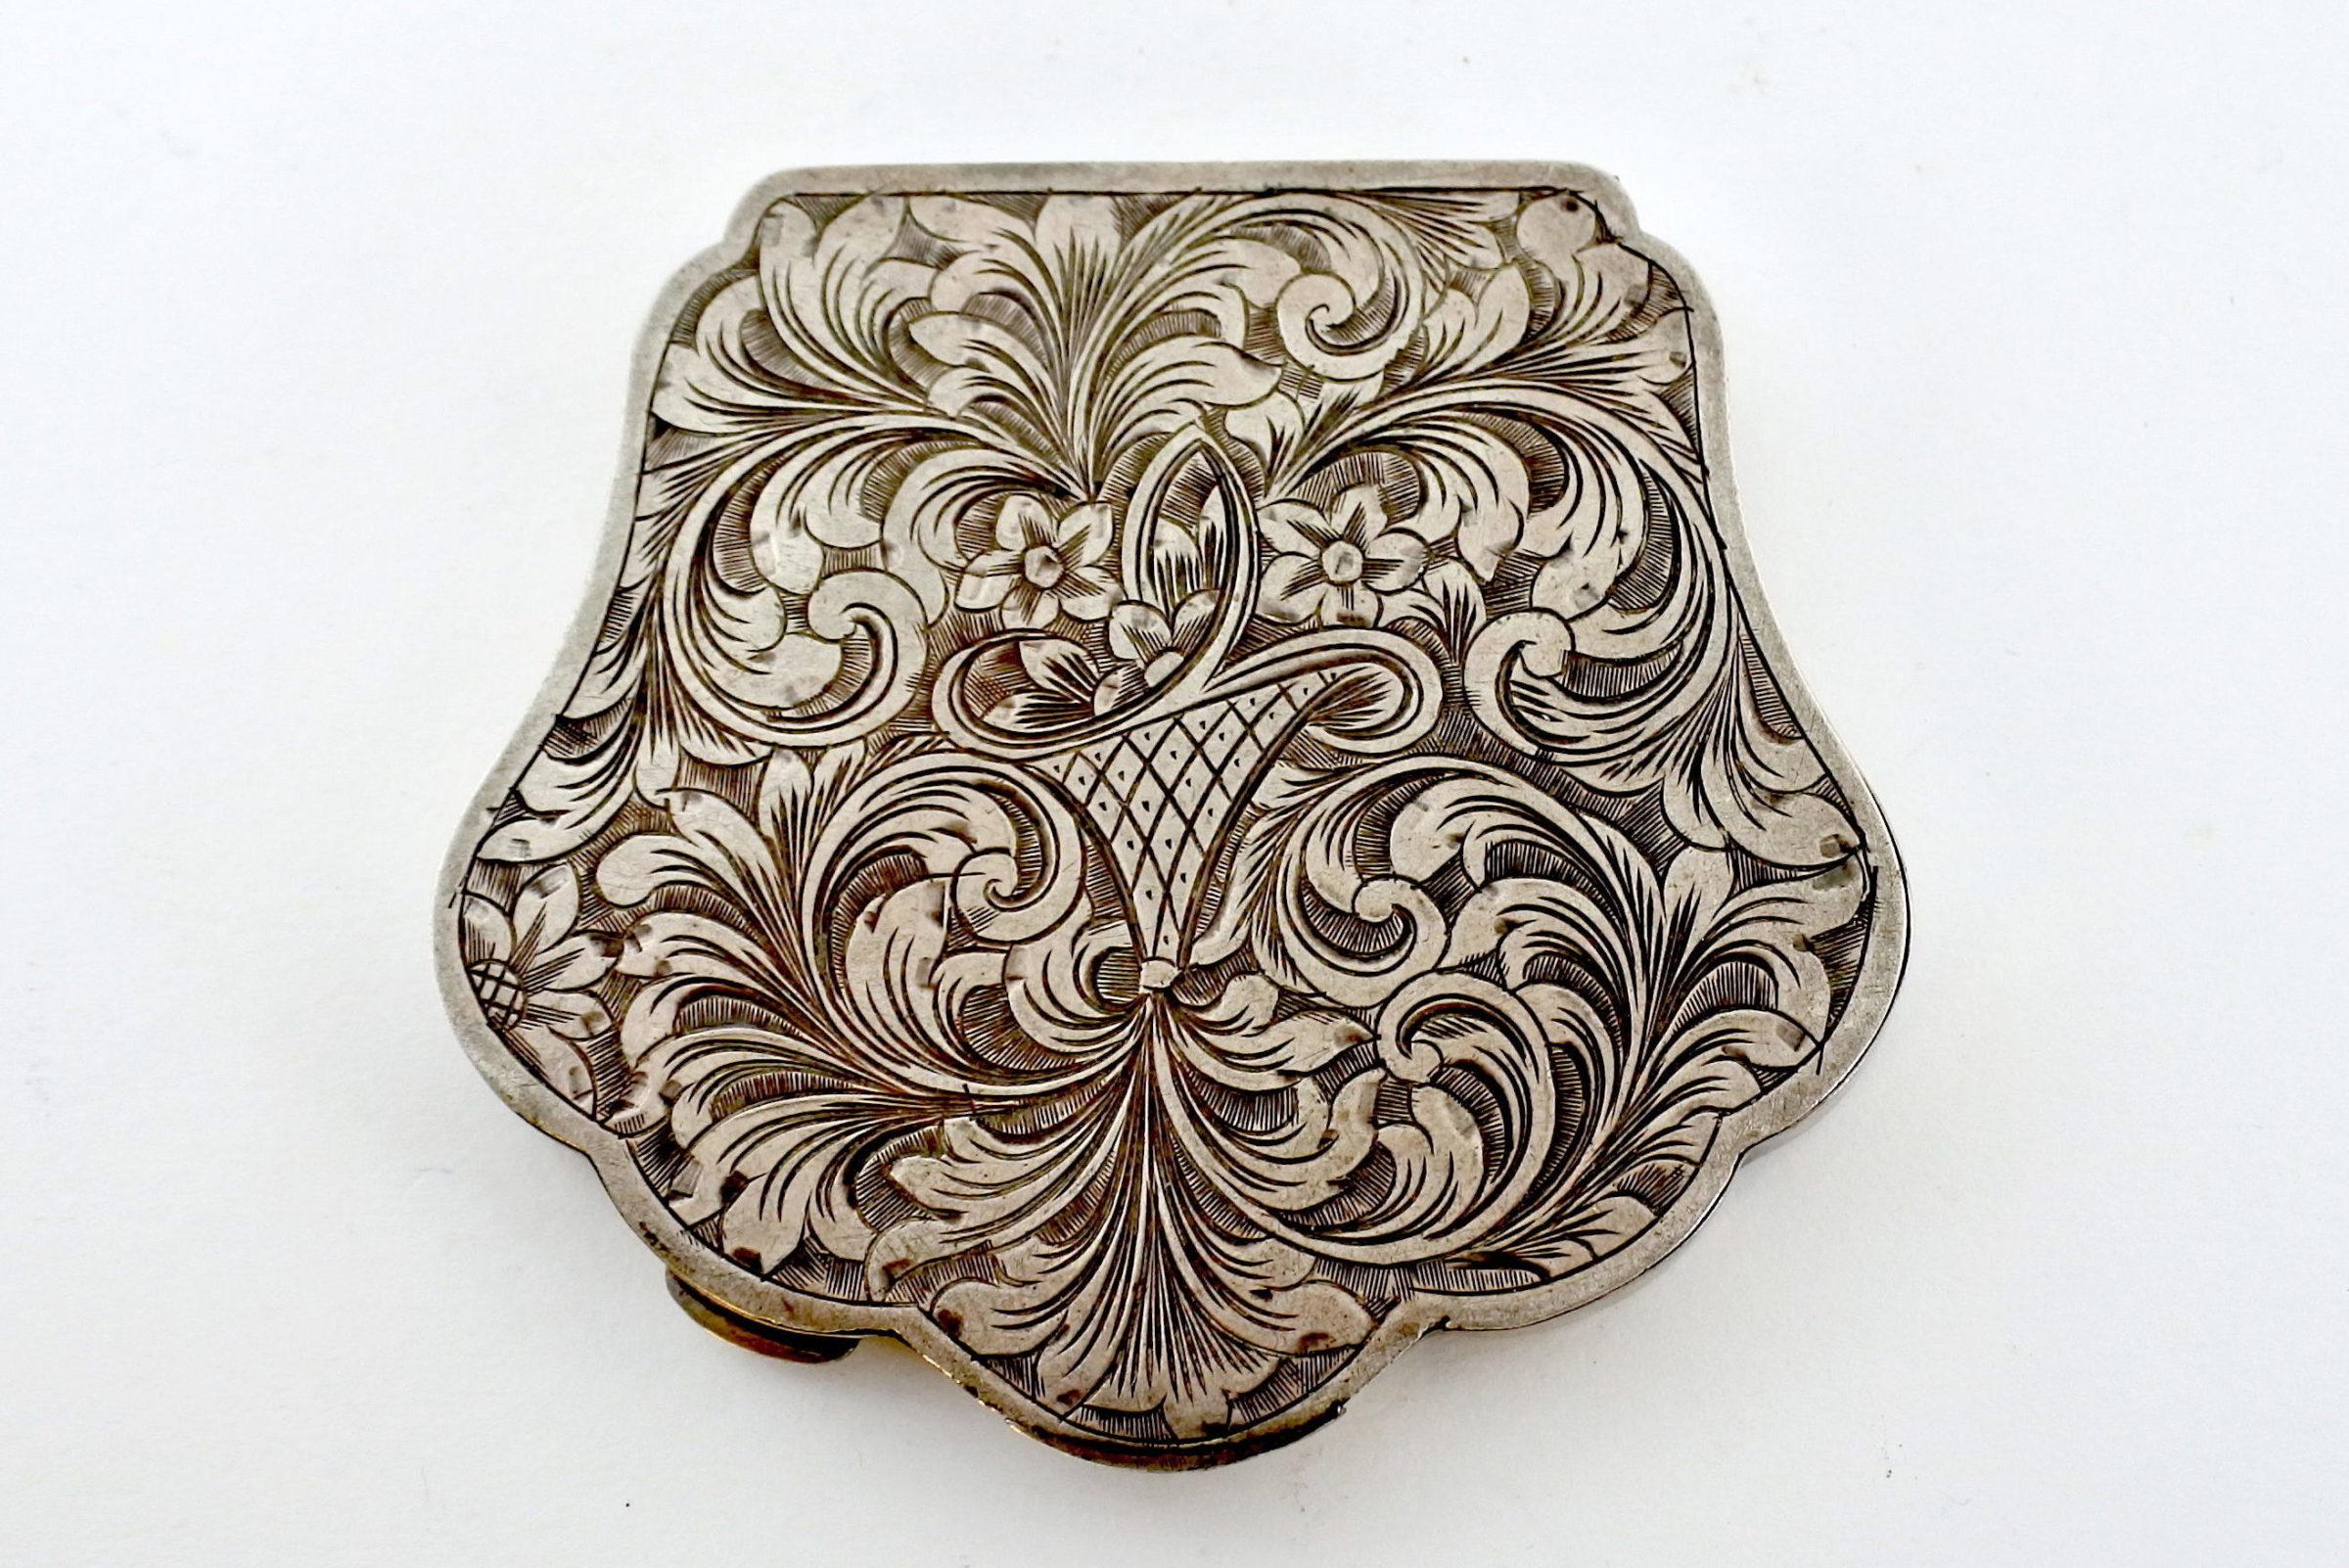 Portacipria in argento con decoro floreale